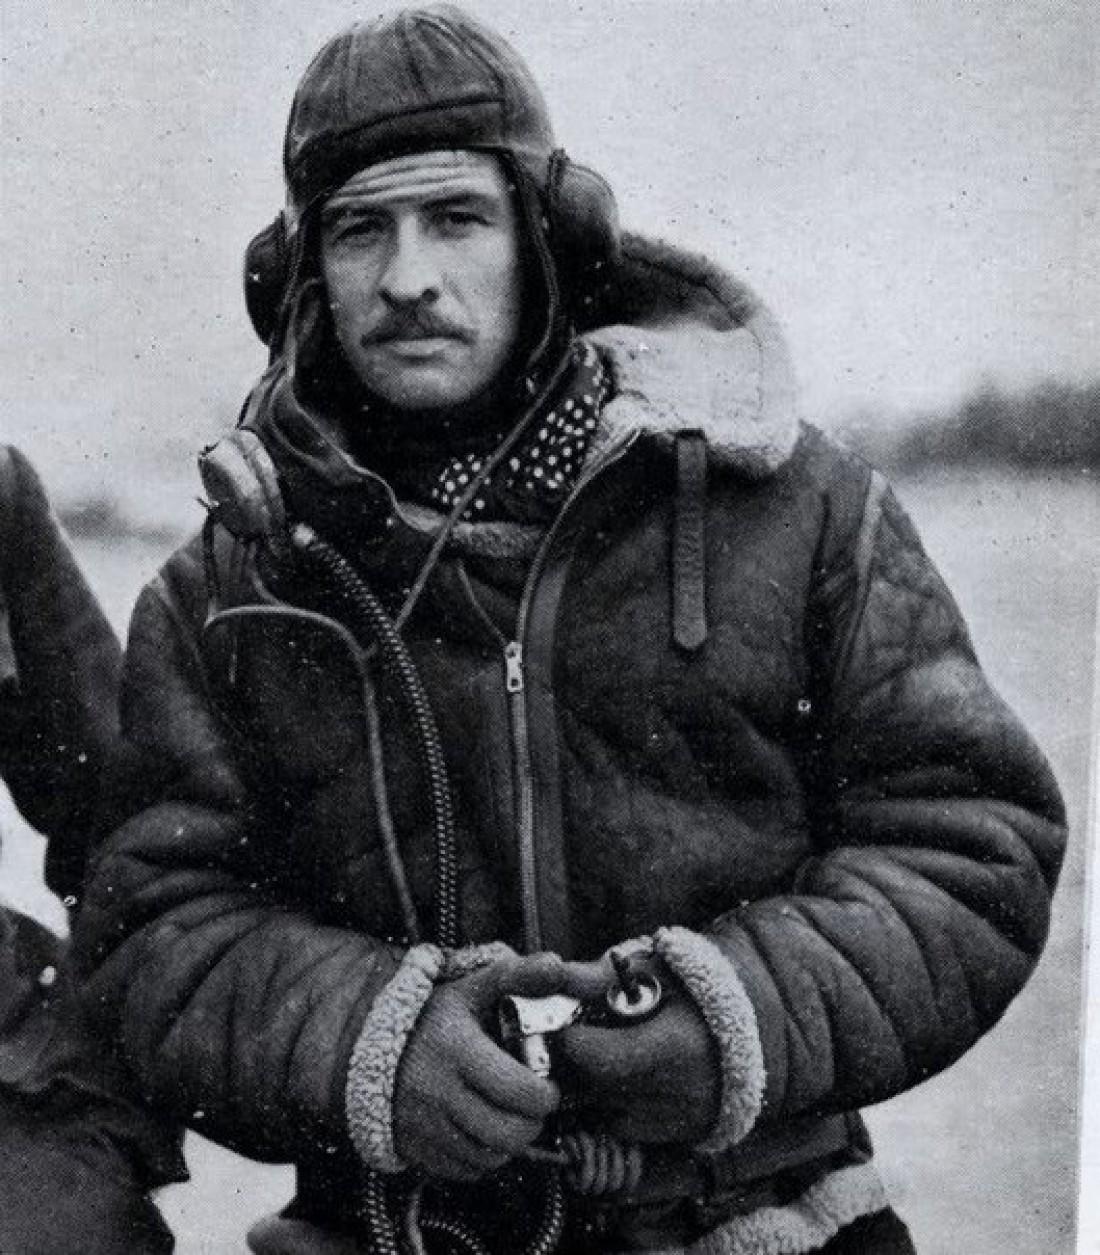 Создатель пилотской куртки Лесли Ирвин